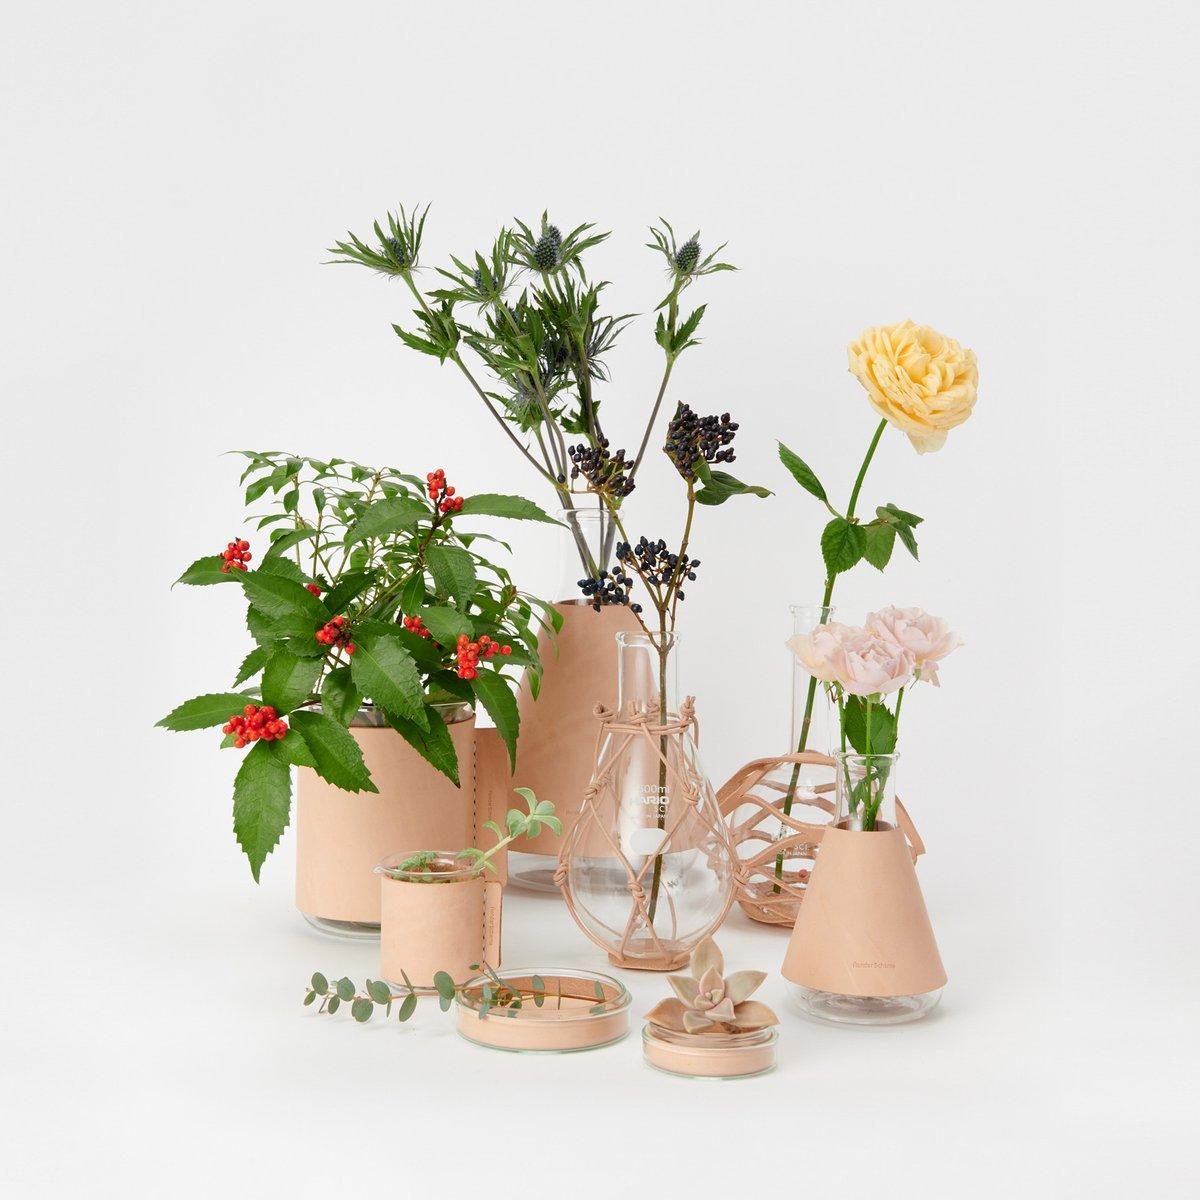 「エンダースキーマ」から、フラスコやシャーレなどの実験器具を使った花瓶が初登場。6月13日から順次販売へ。